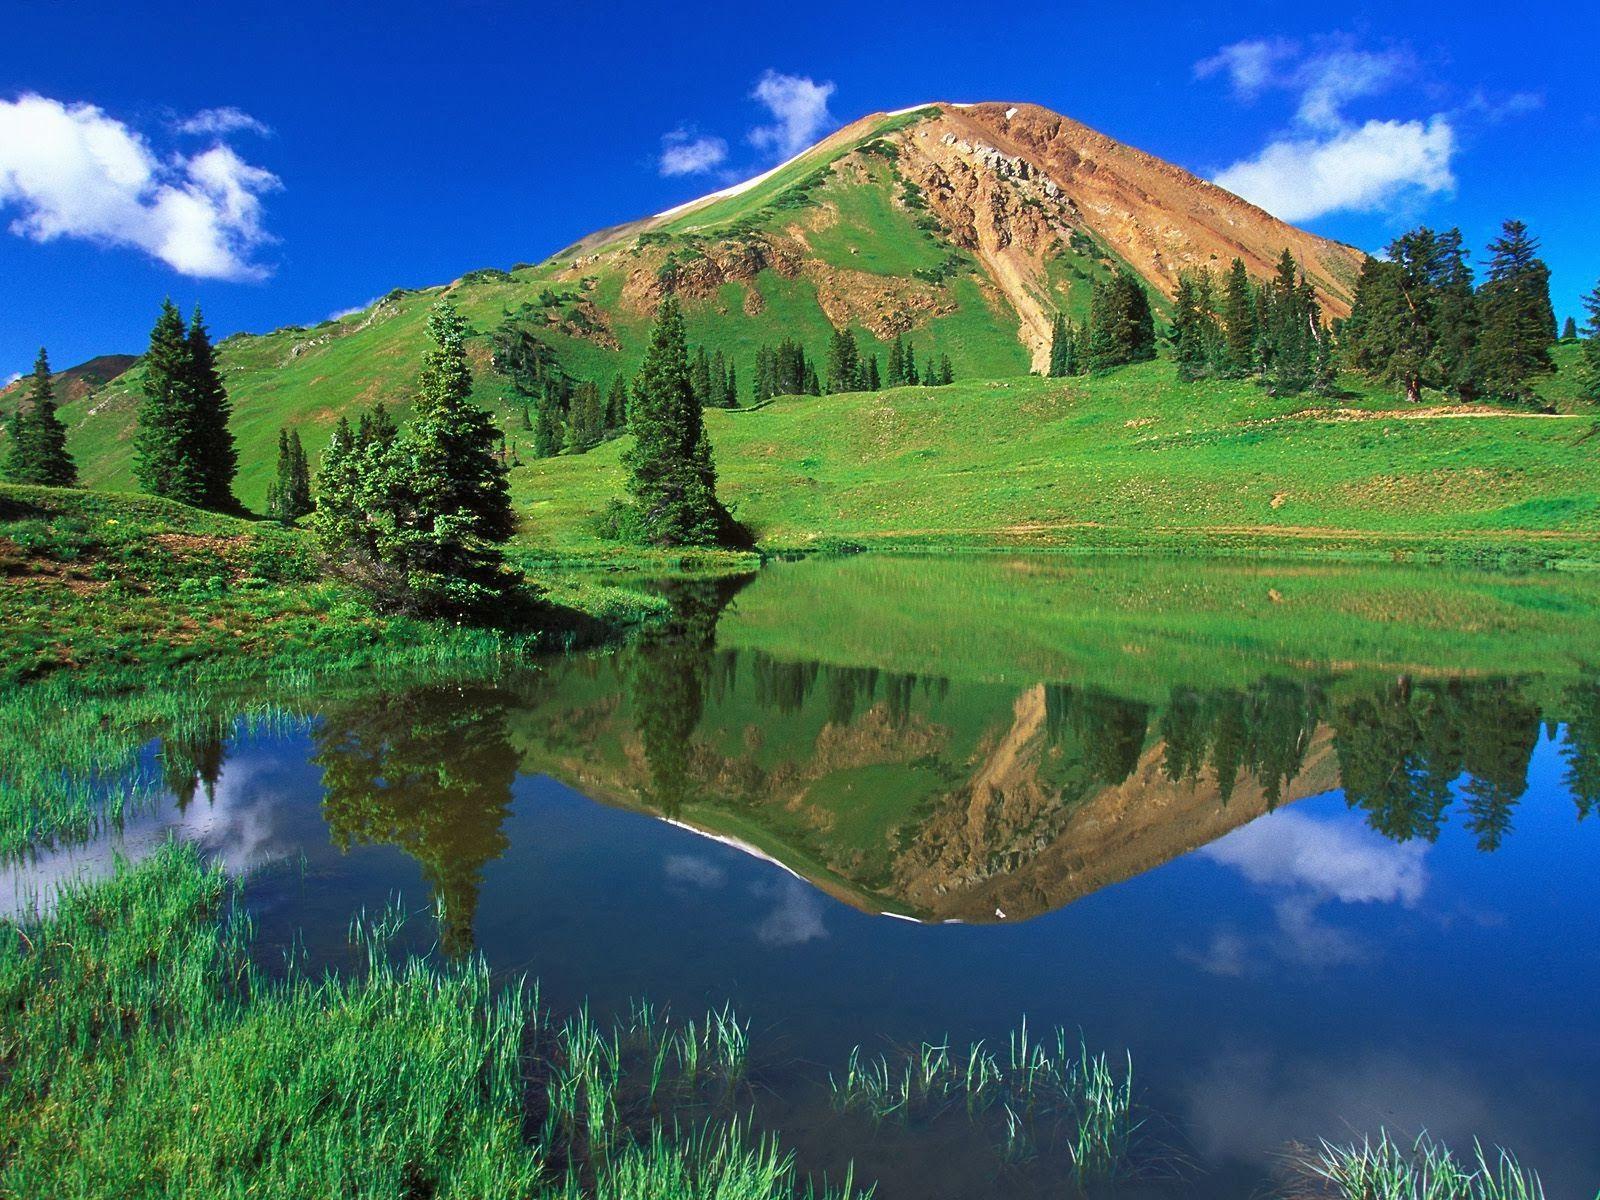 اجمل صور مناظر طبيعية Natural Landmarks Landmarks Nature